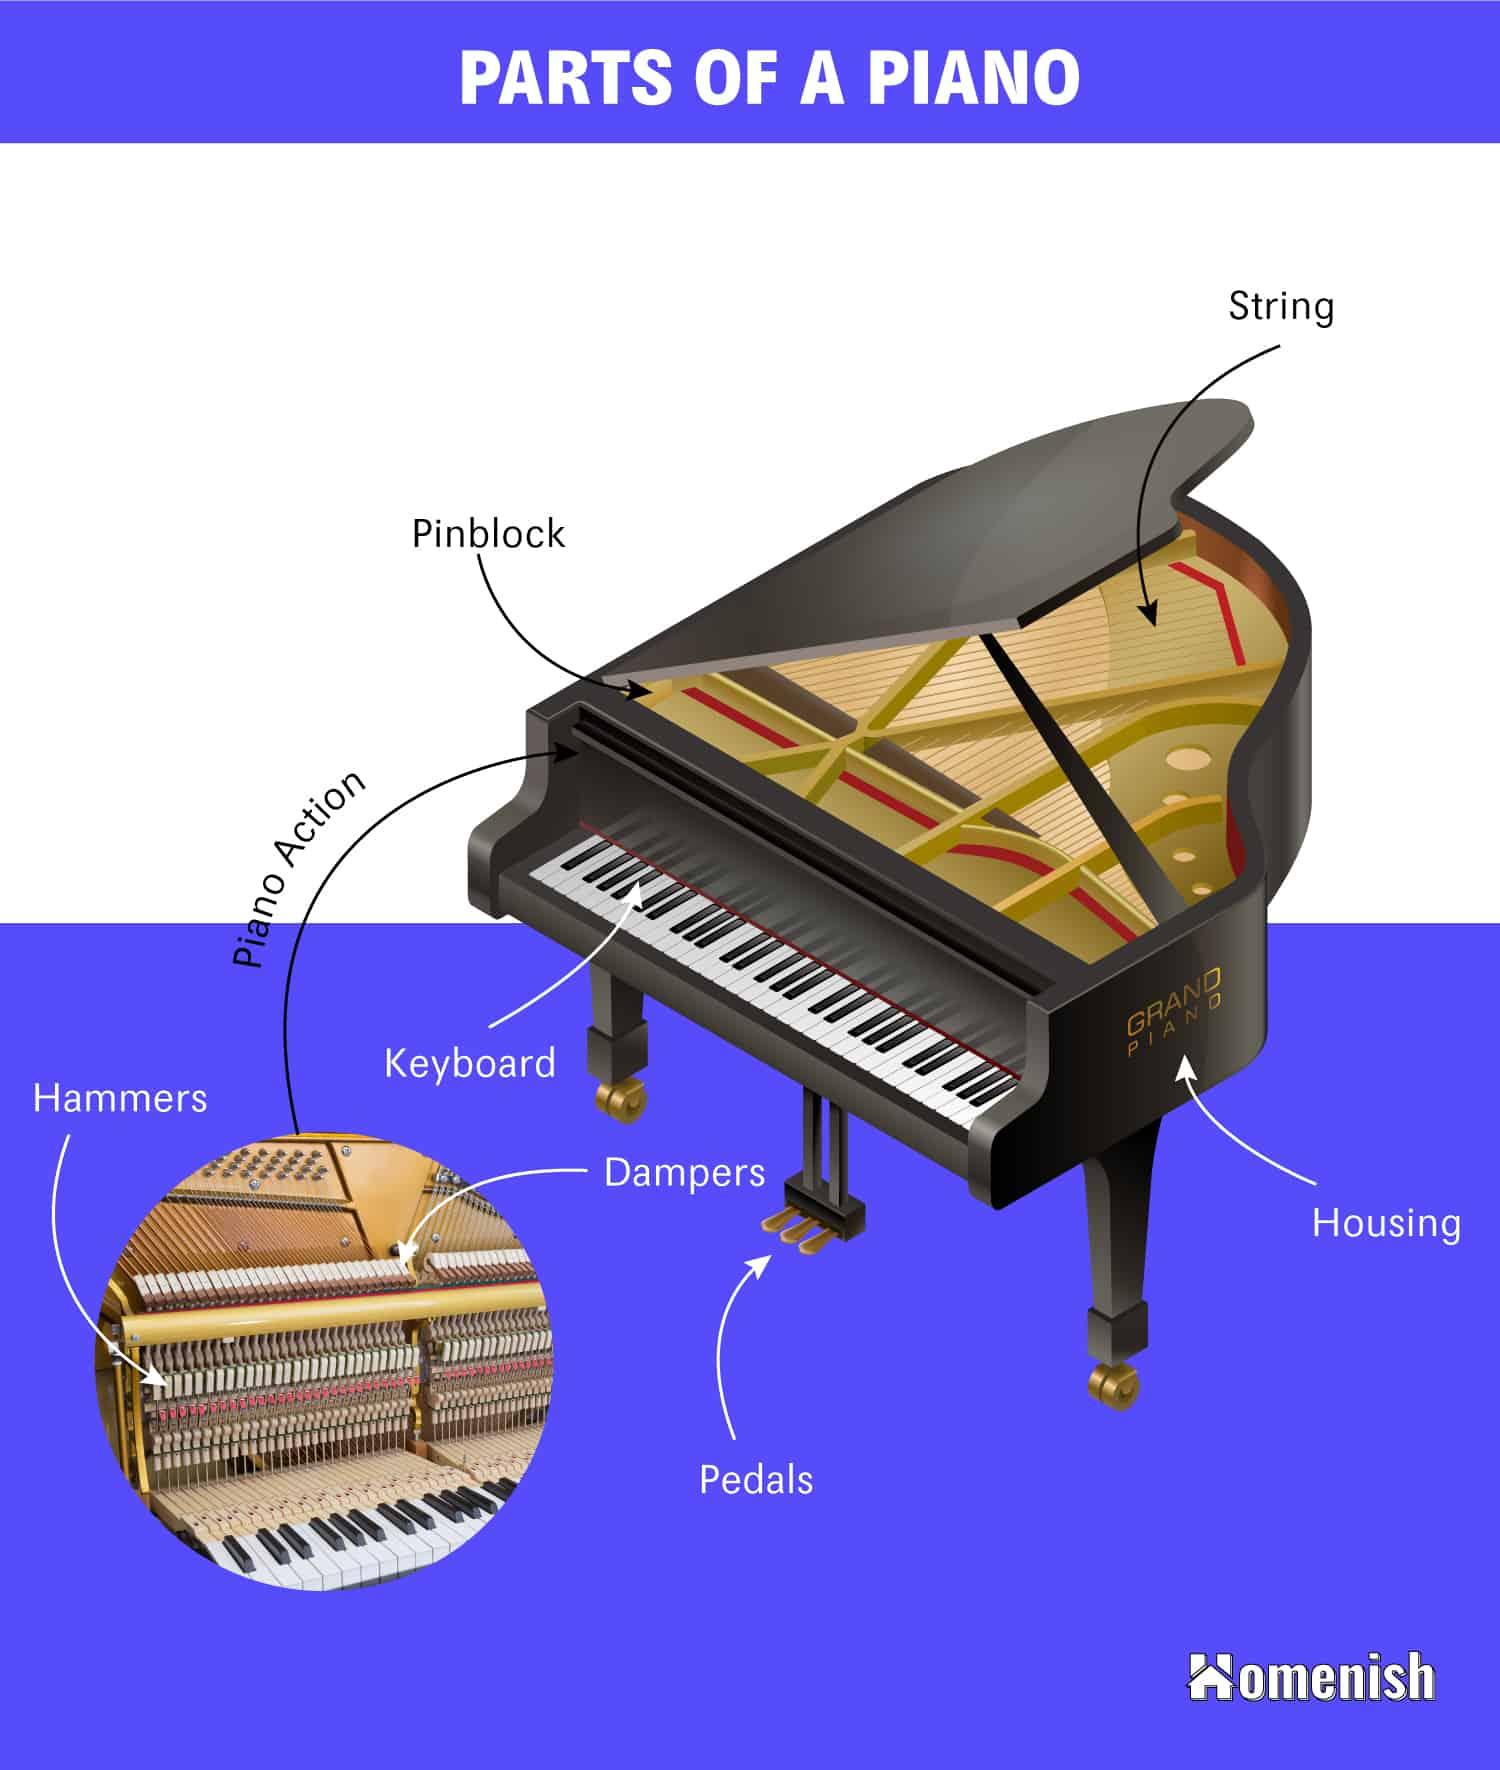 Parts of a Piano Diagram